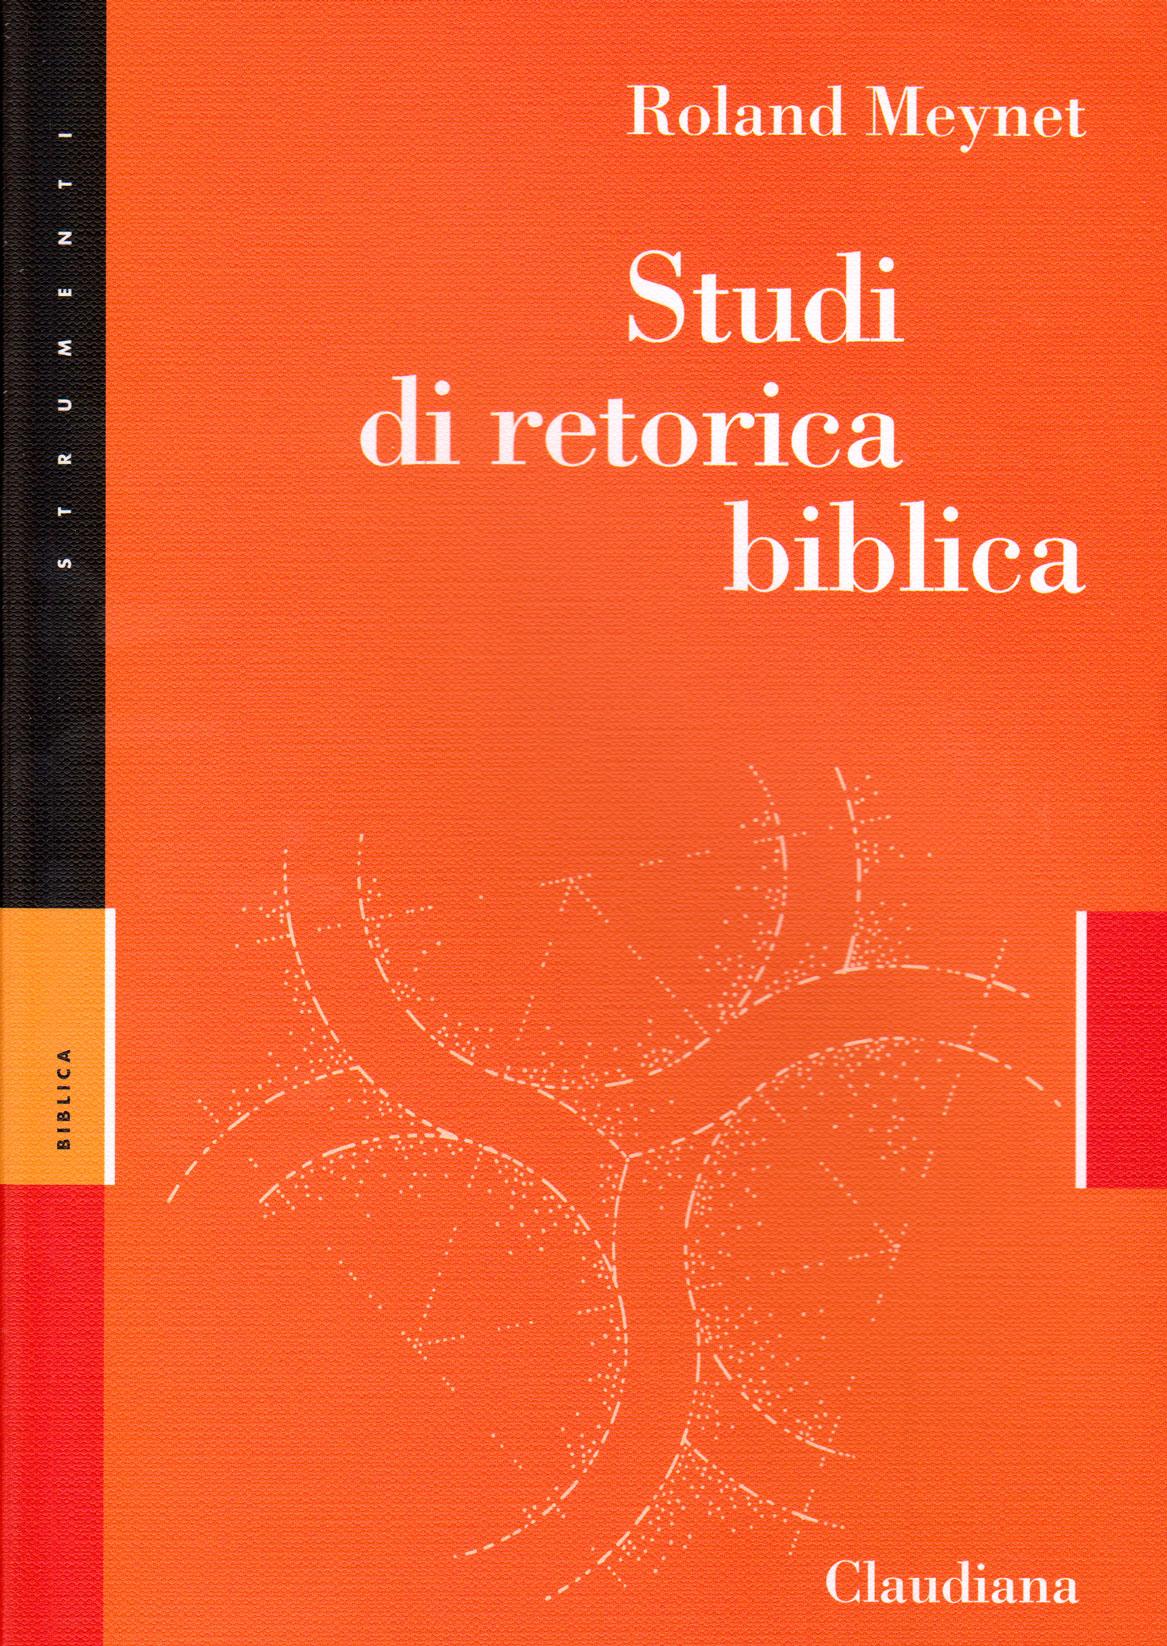 Studi di retorica biblica